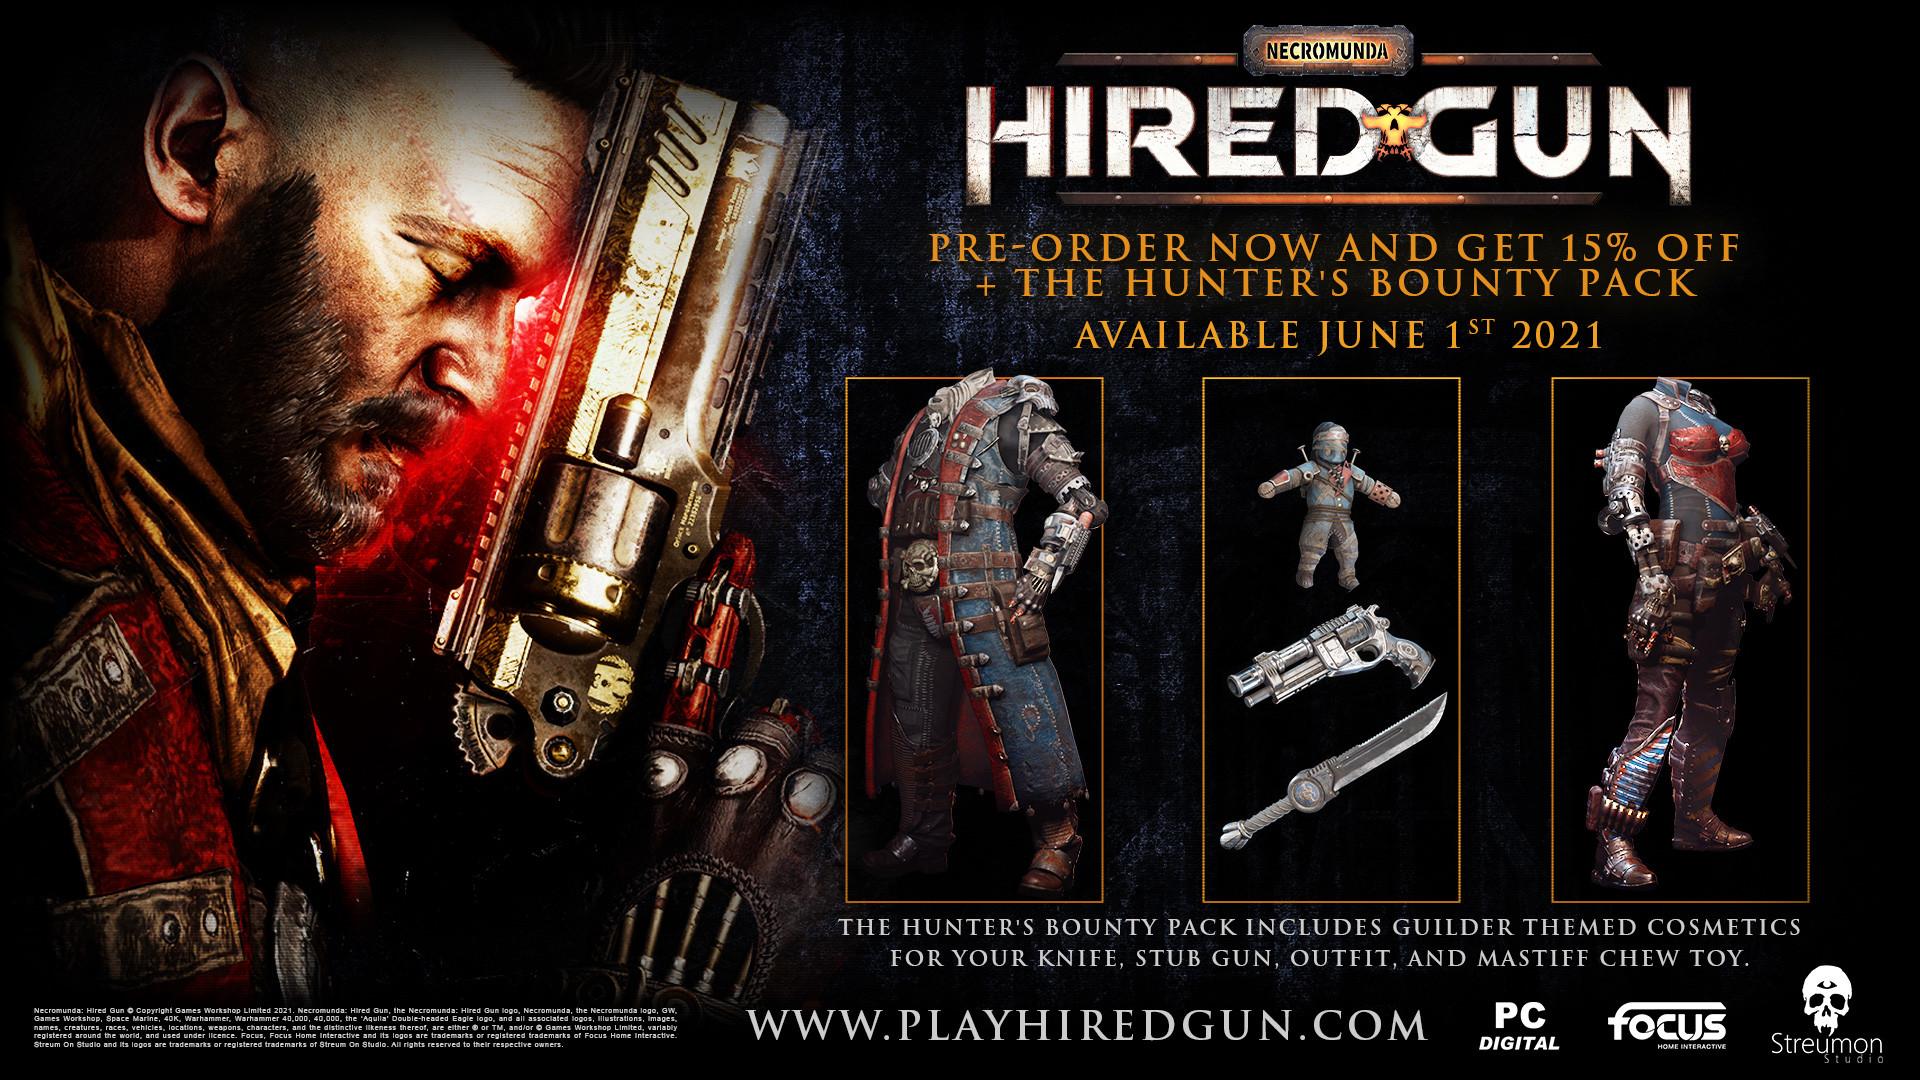 Představena střílečka Necromunda: Hired Gun Preorder 2